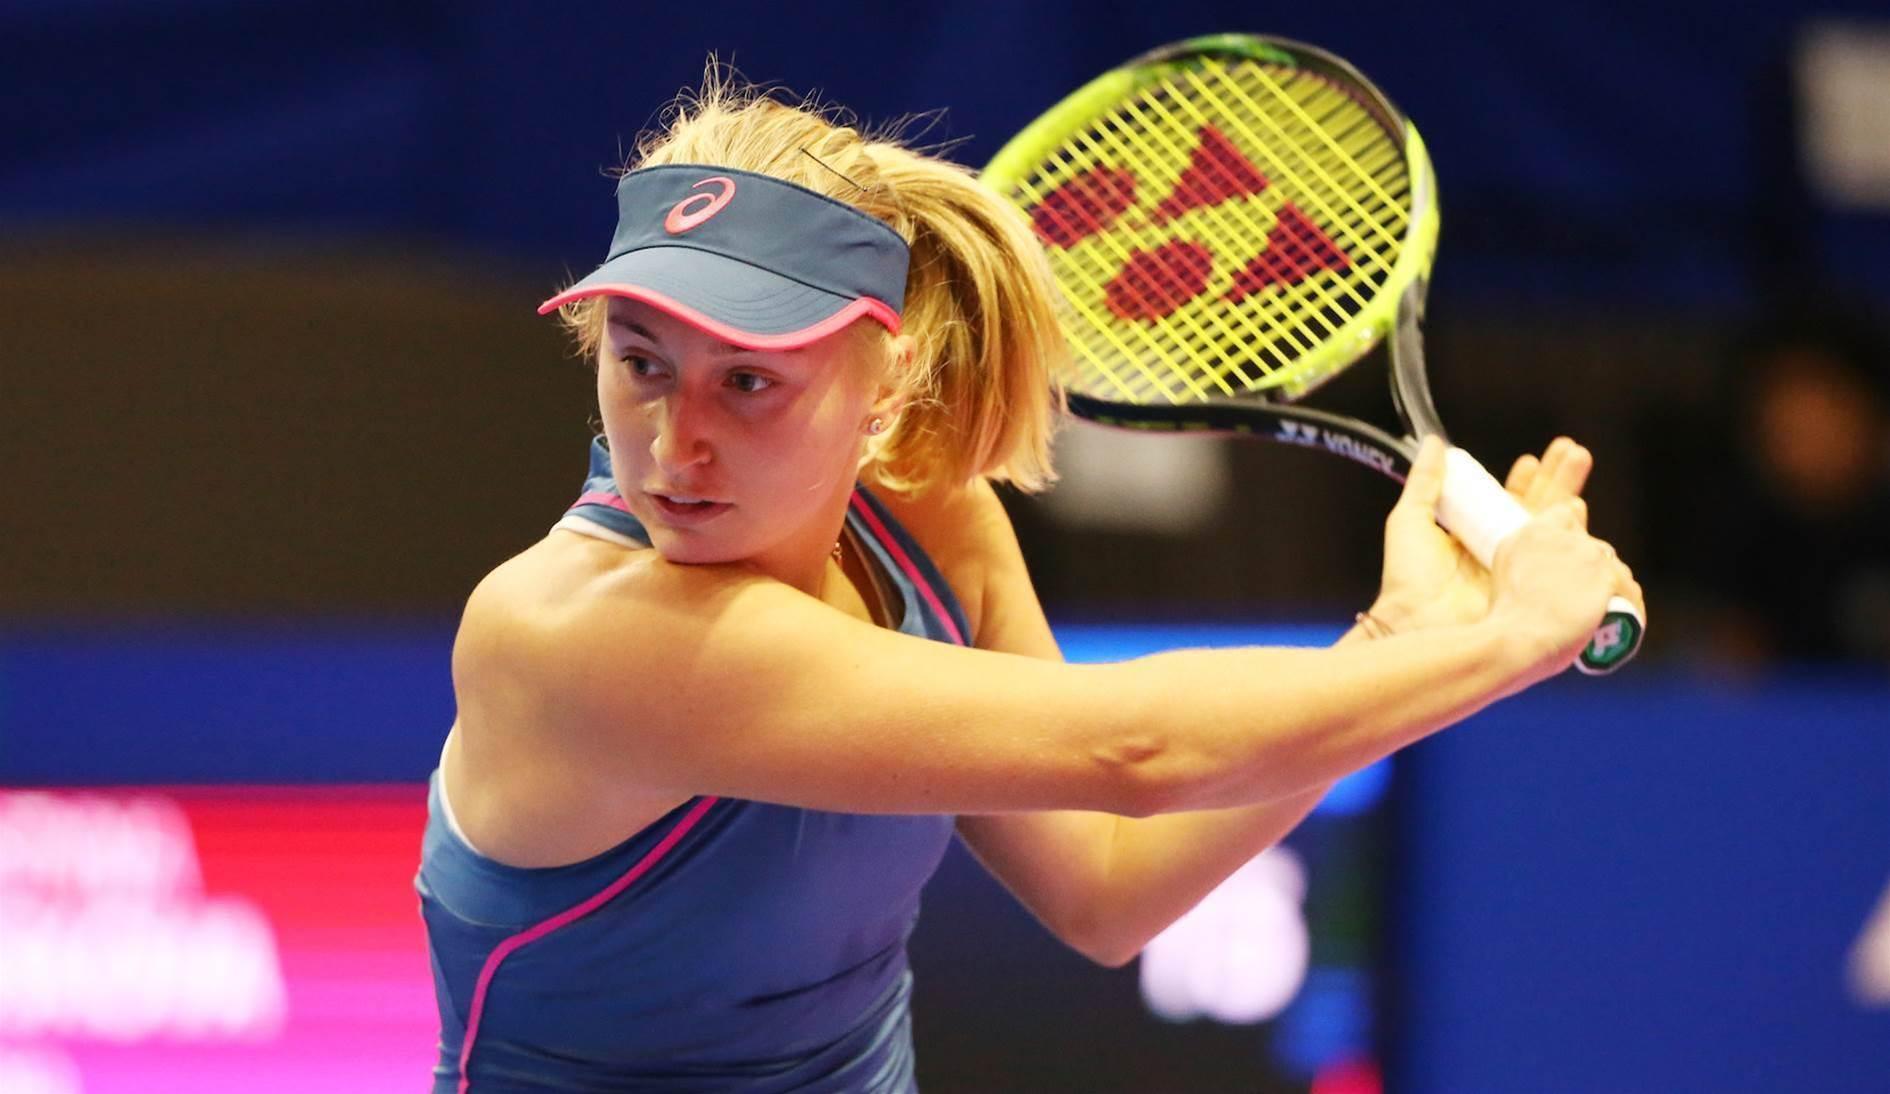 Gavrilova come back in Pan Pacific Open